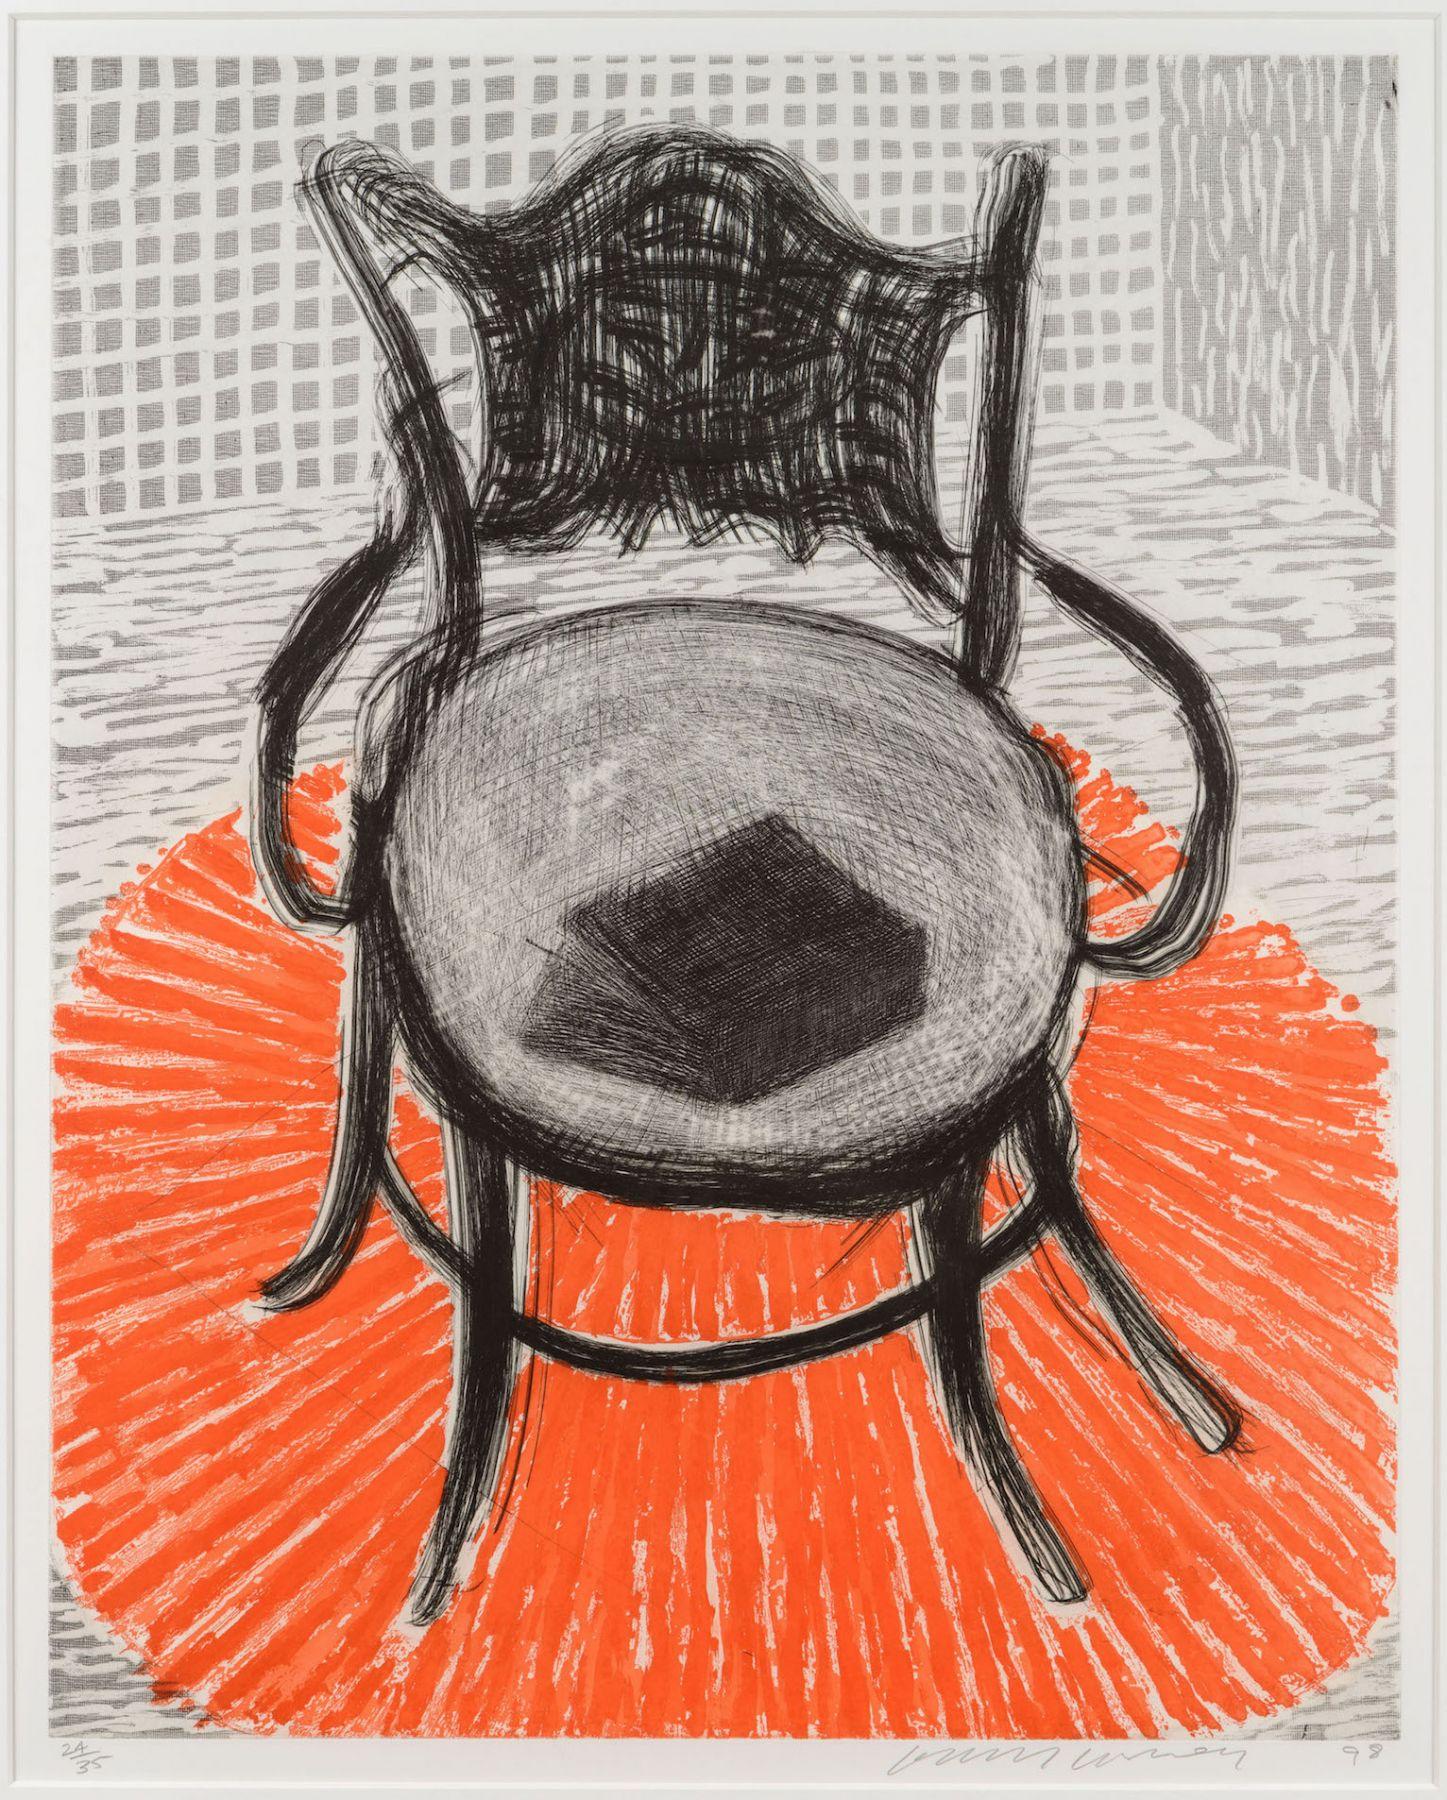 معرفی و آثار دیوید هاکنی، معروفترین نقاش معاصر انگلیسی لینک : https://asarartmagazine.ir/?p=20953 👇 سایت : AsarArtMagazine.ir اینستاگرام : instagram.com/AsarArtMagazine تلگرام : t.me/AsarArtMagazine 👆